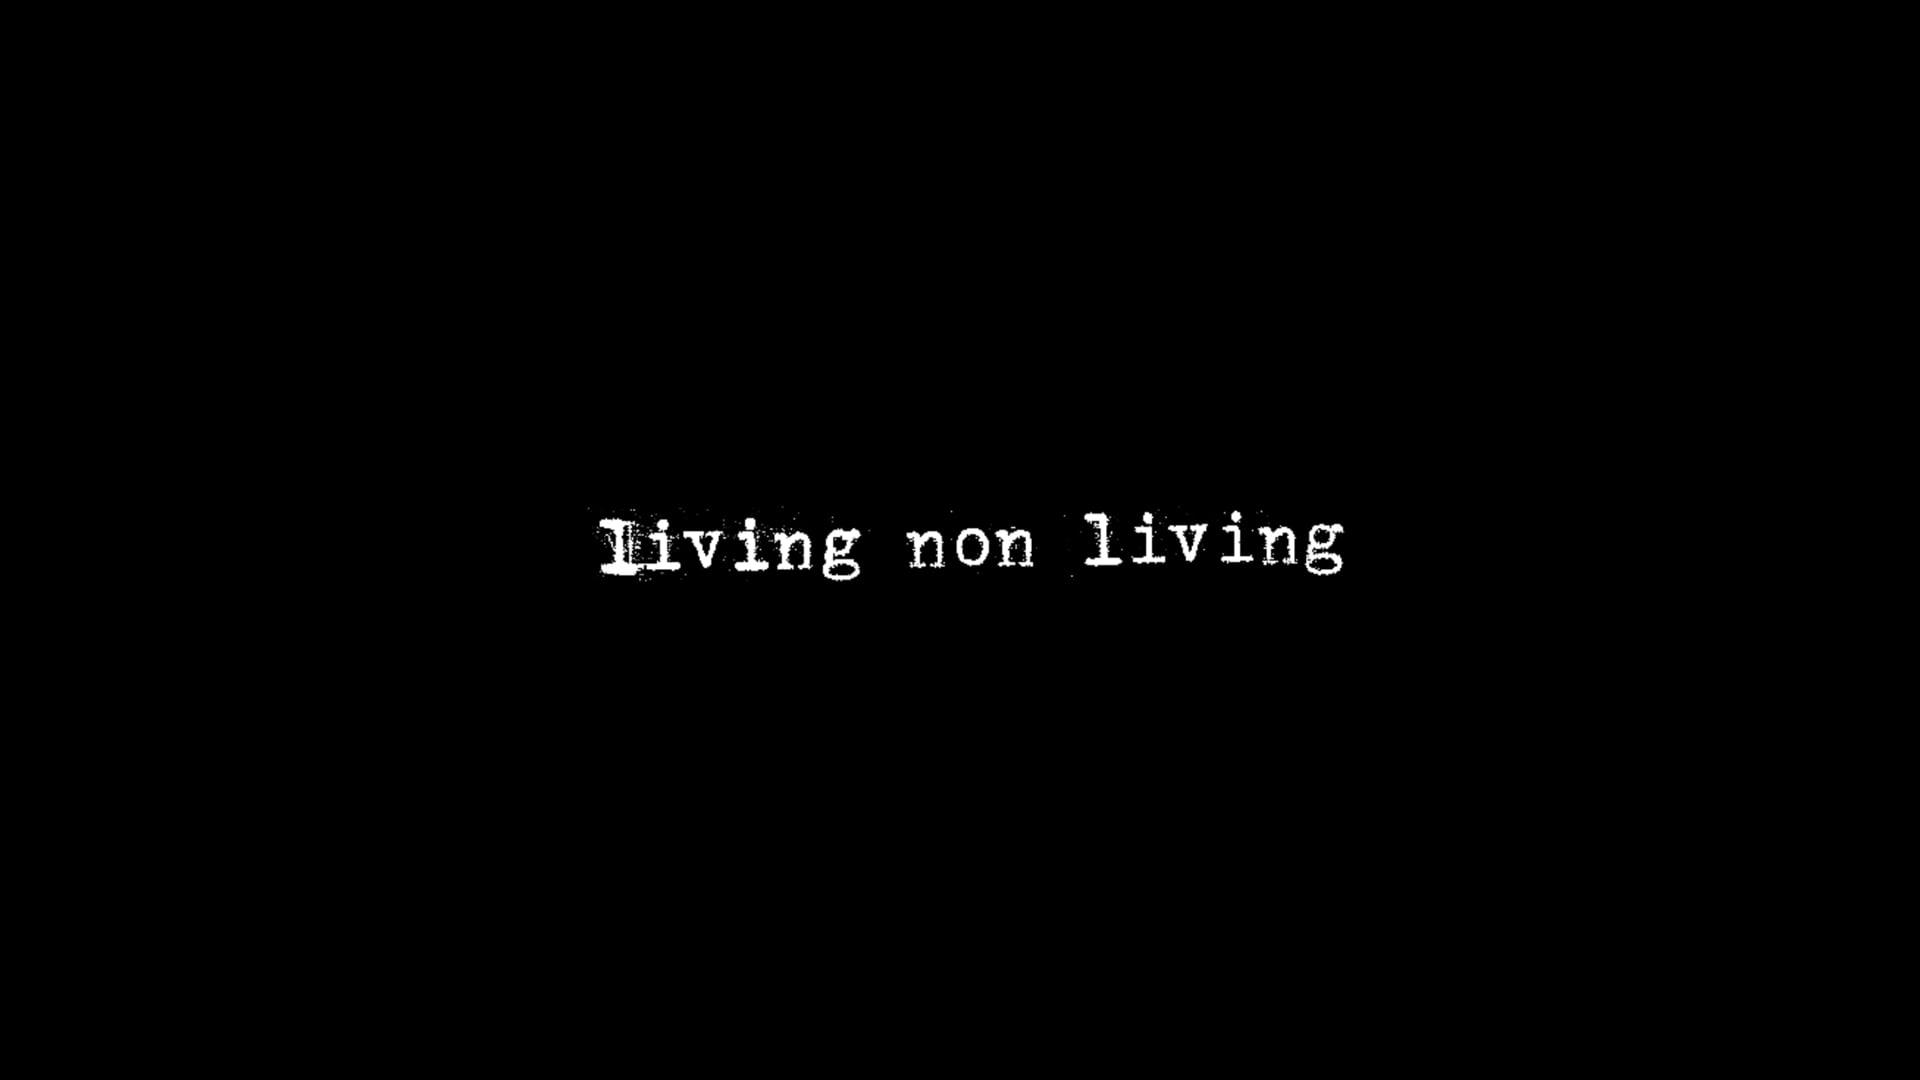 LivingNonLiving Trailer